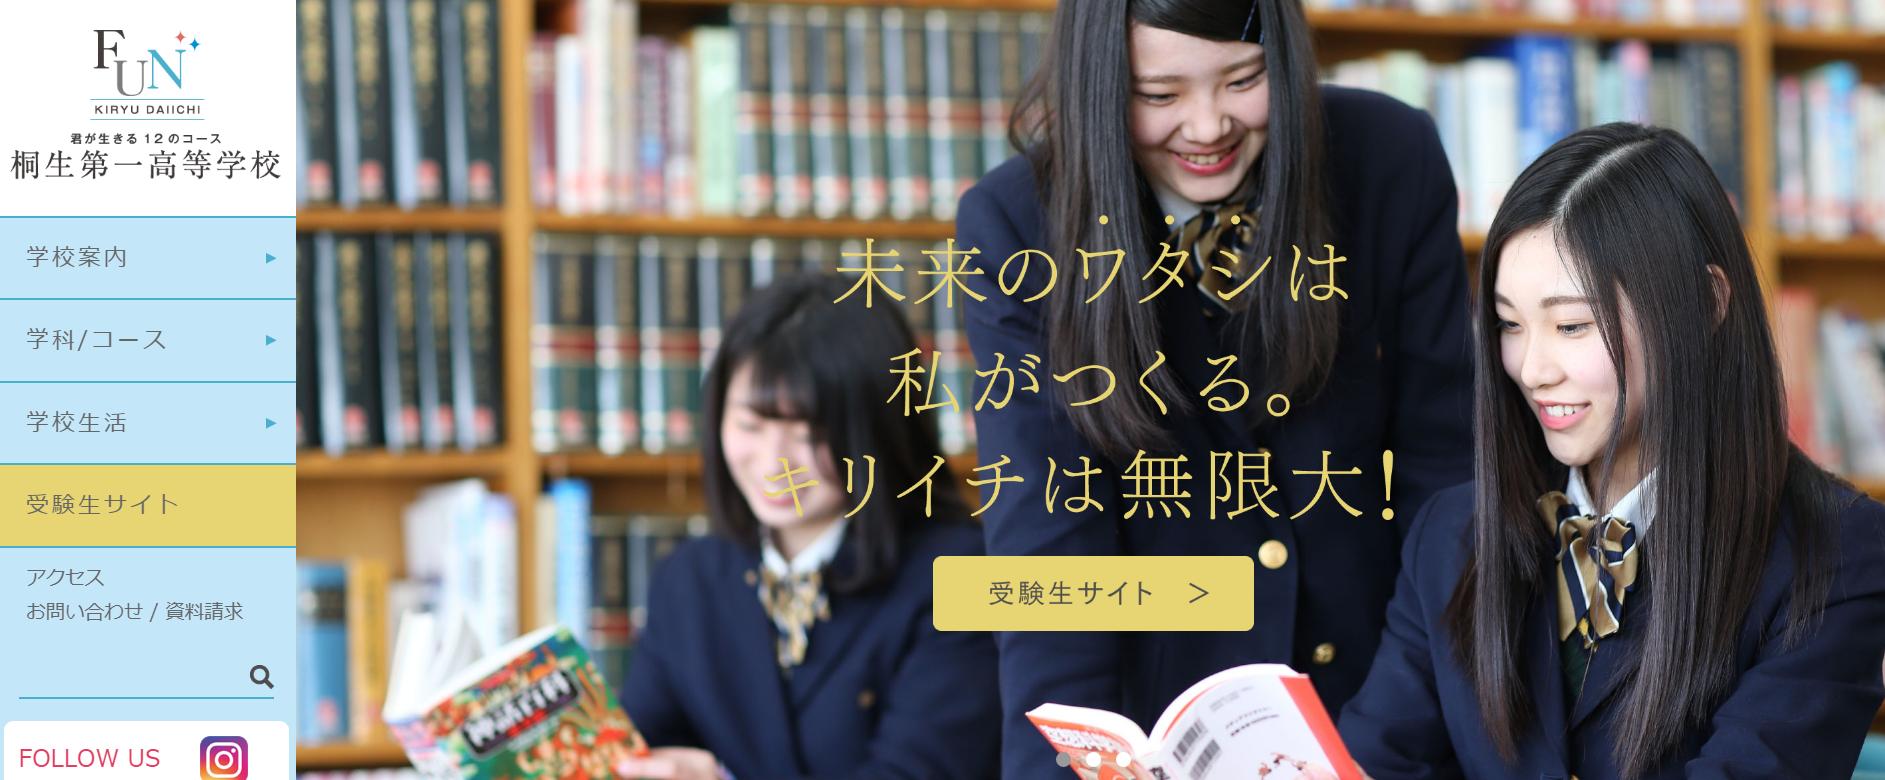 桐生第一高校の口コミ・評判